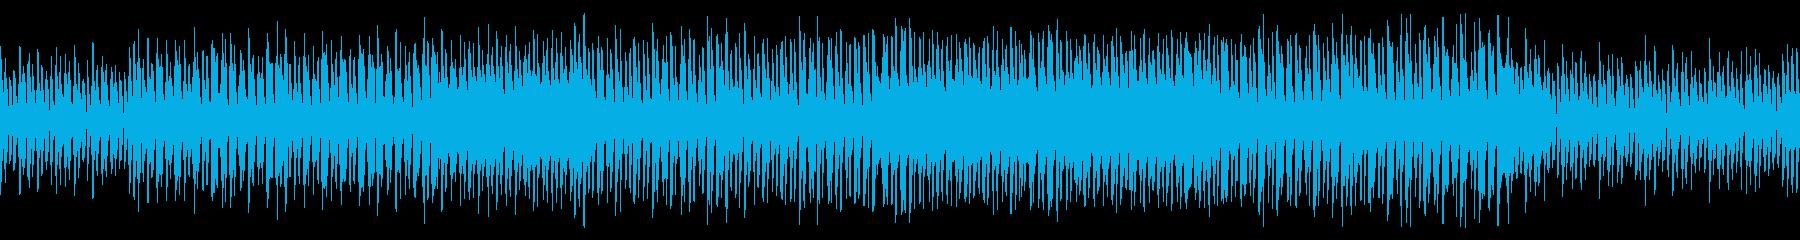 ループ】ガイコツの行進、軽快なハロウィンの再生済みの波形